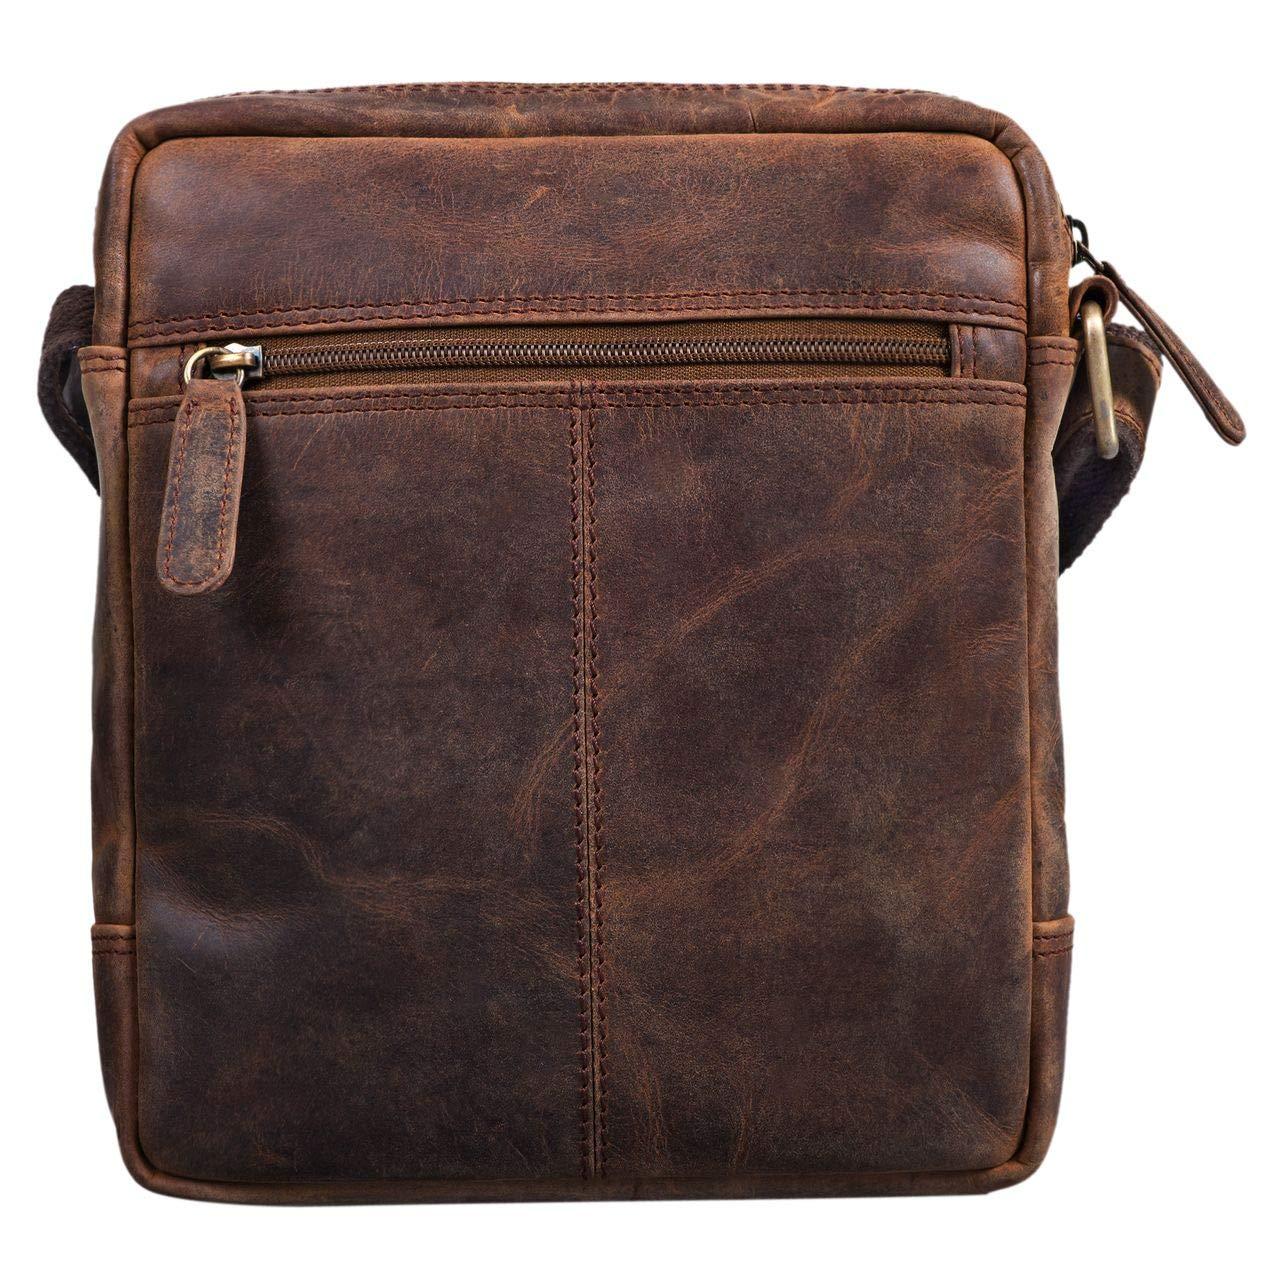 27e6d650657ad STILORD  Jamie  Herren Ledertasche Umhängetasche klein Vintage Messenger Bag  Herrenhandtasche für 9.7 Zoll iPad größeres Bild